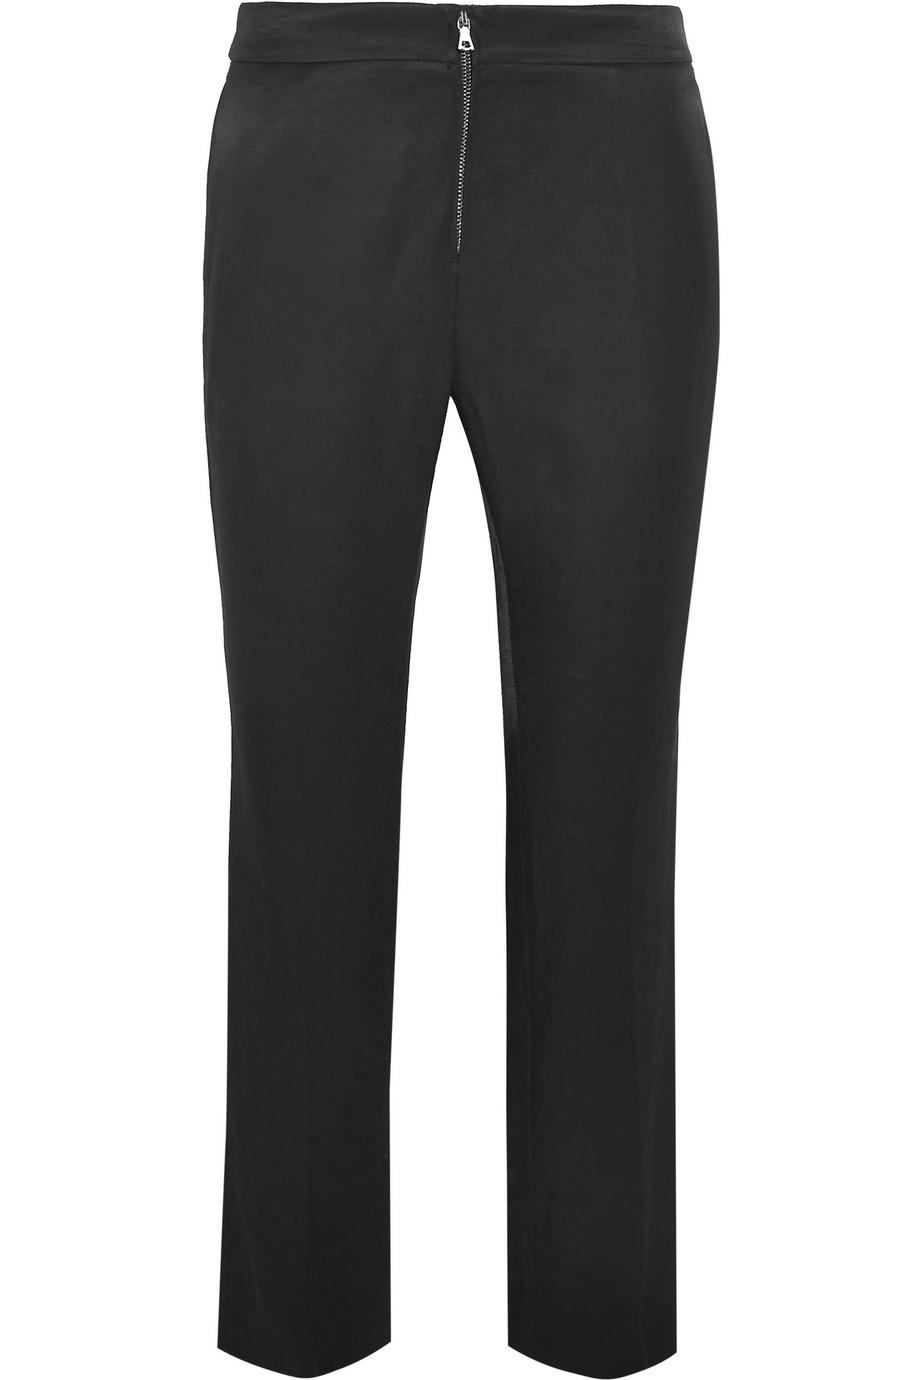 Pantaloni evazati, Sandro, outnet.com, 82,50 euro